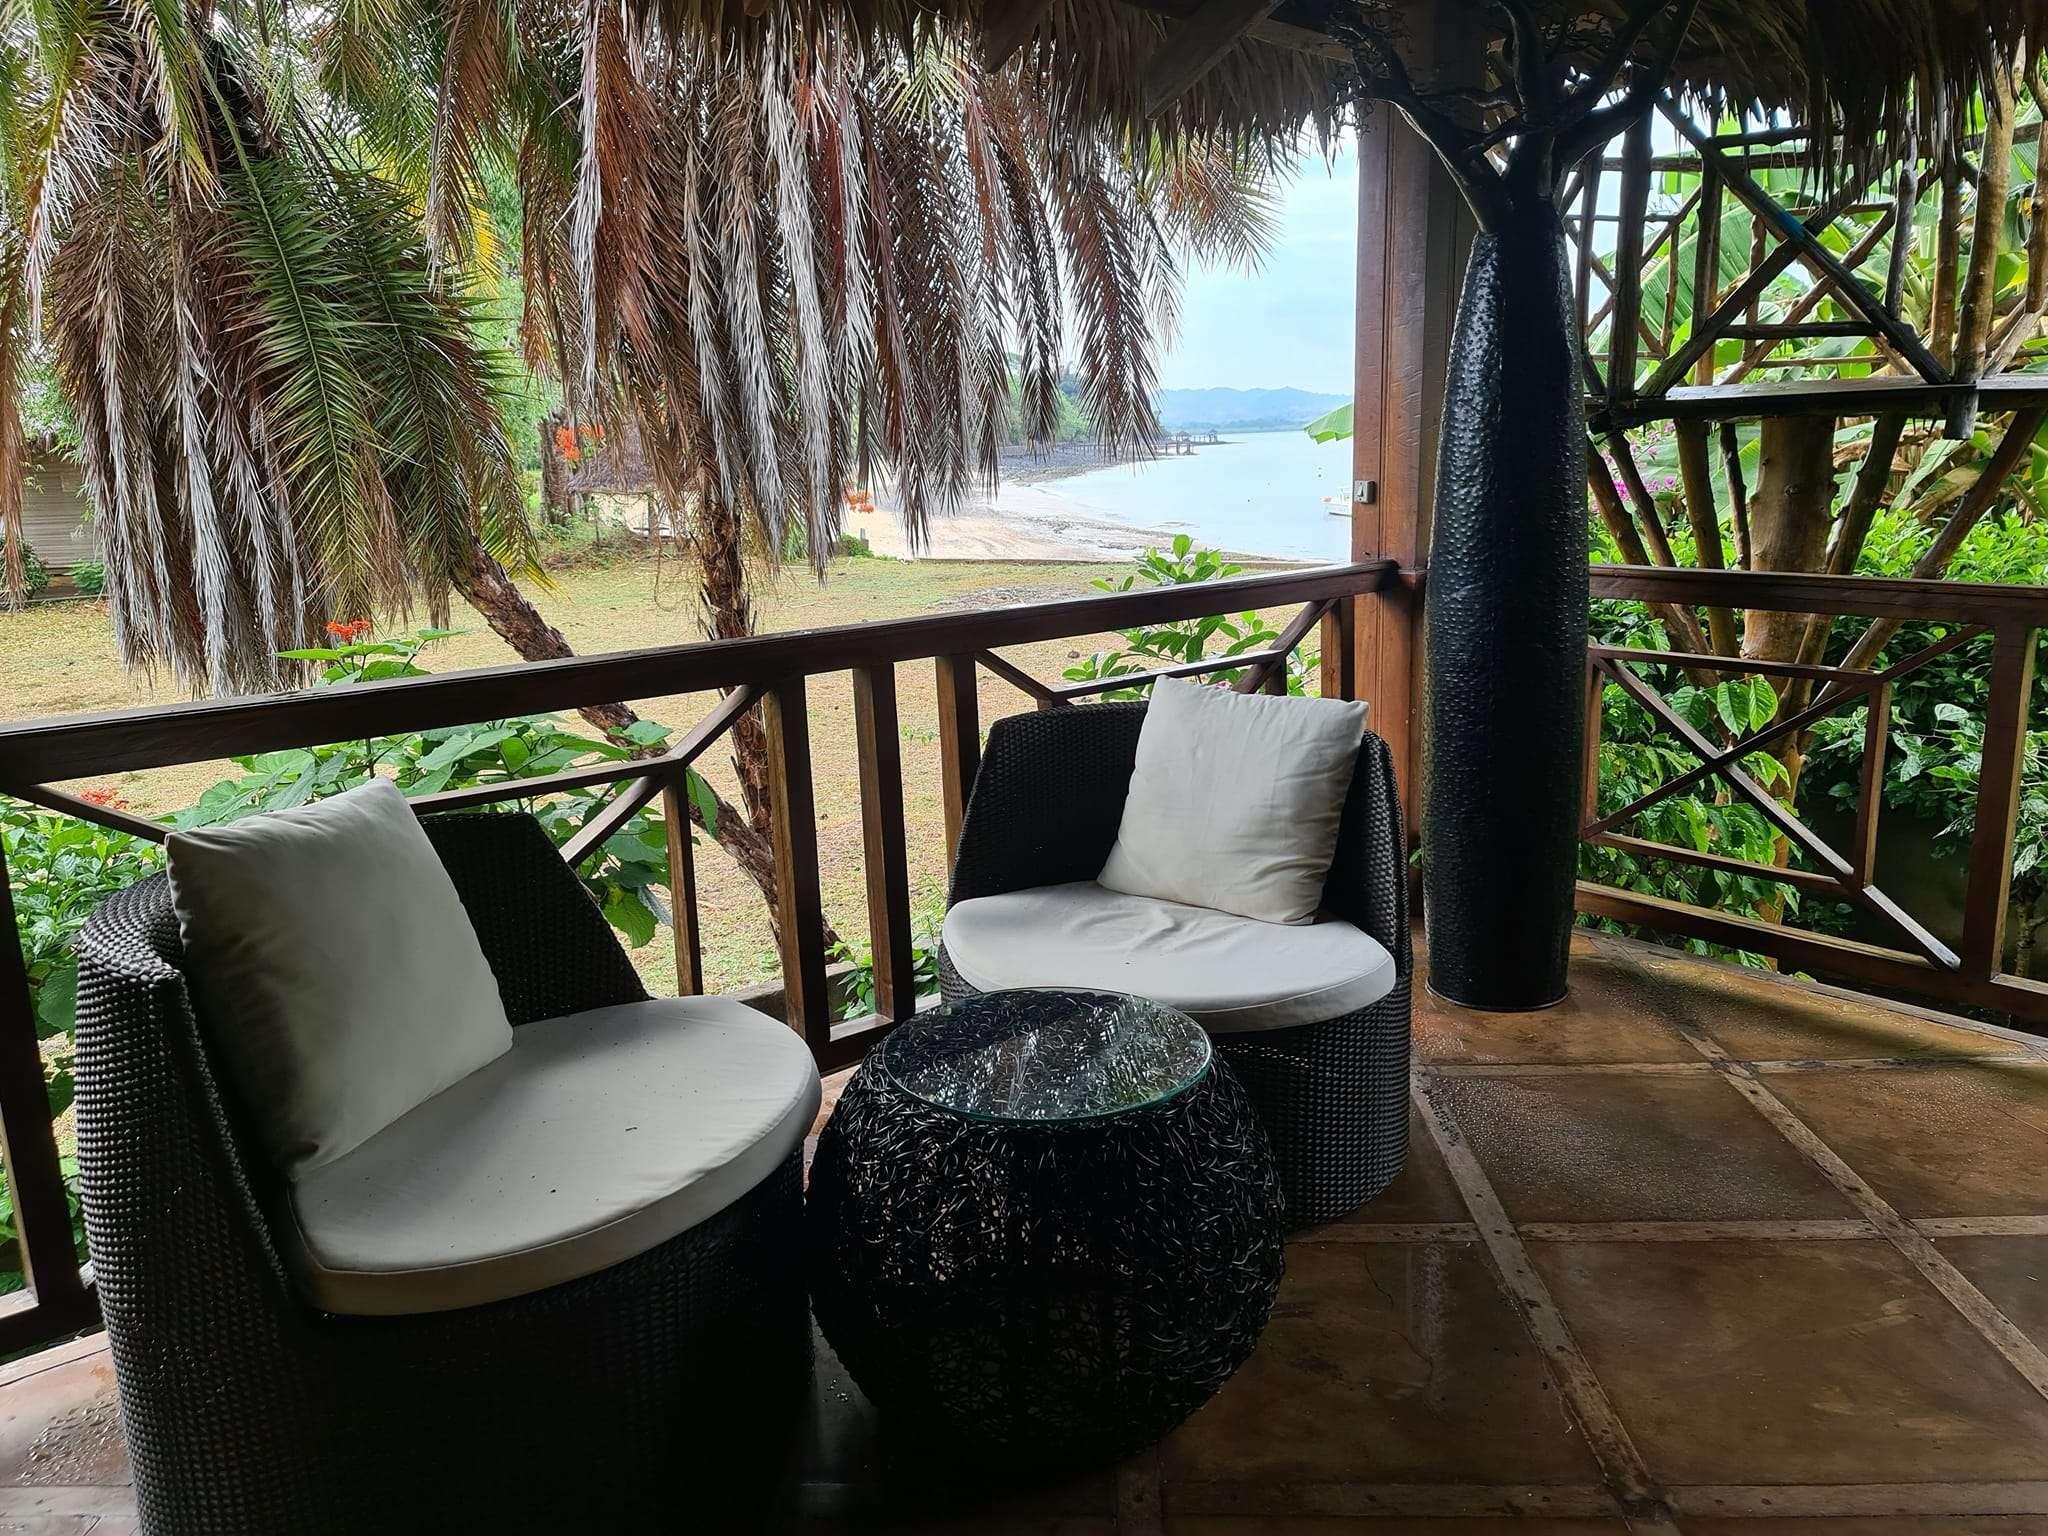 Villa dans la résidence baobab avec piscine et jacuzzi.